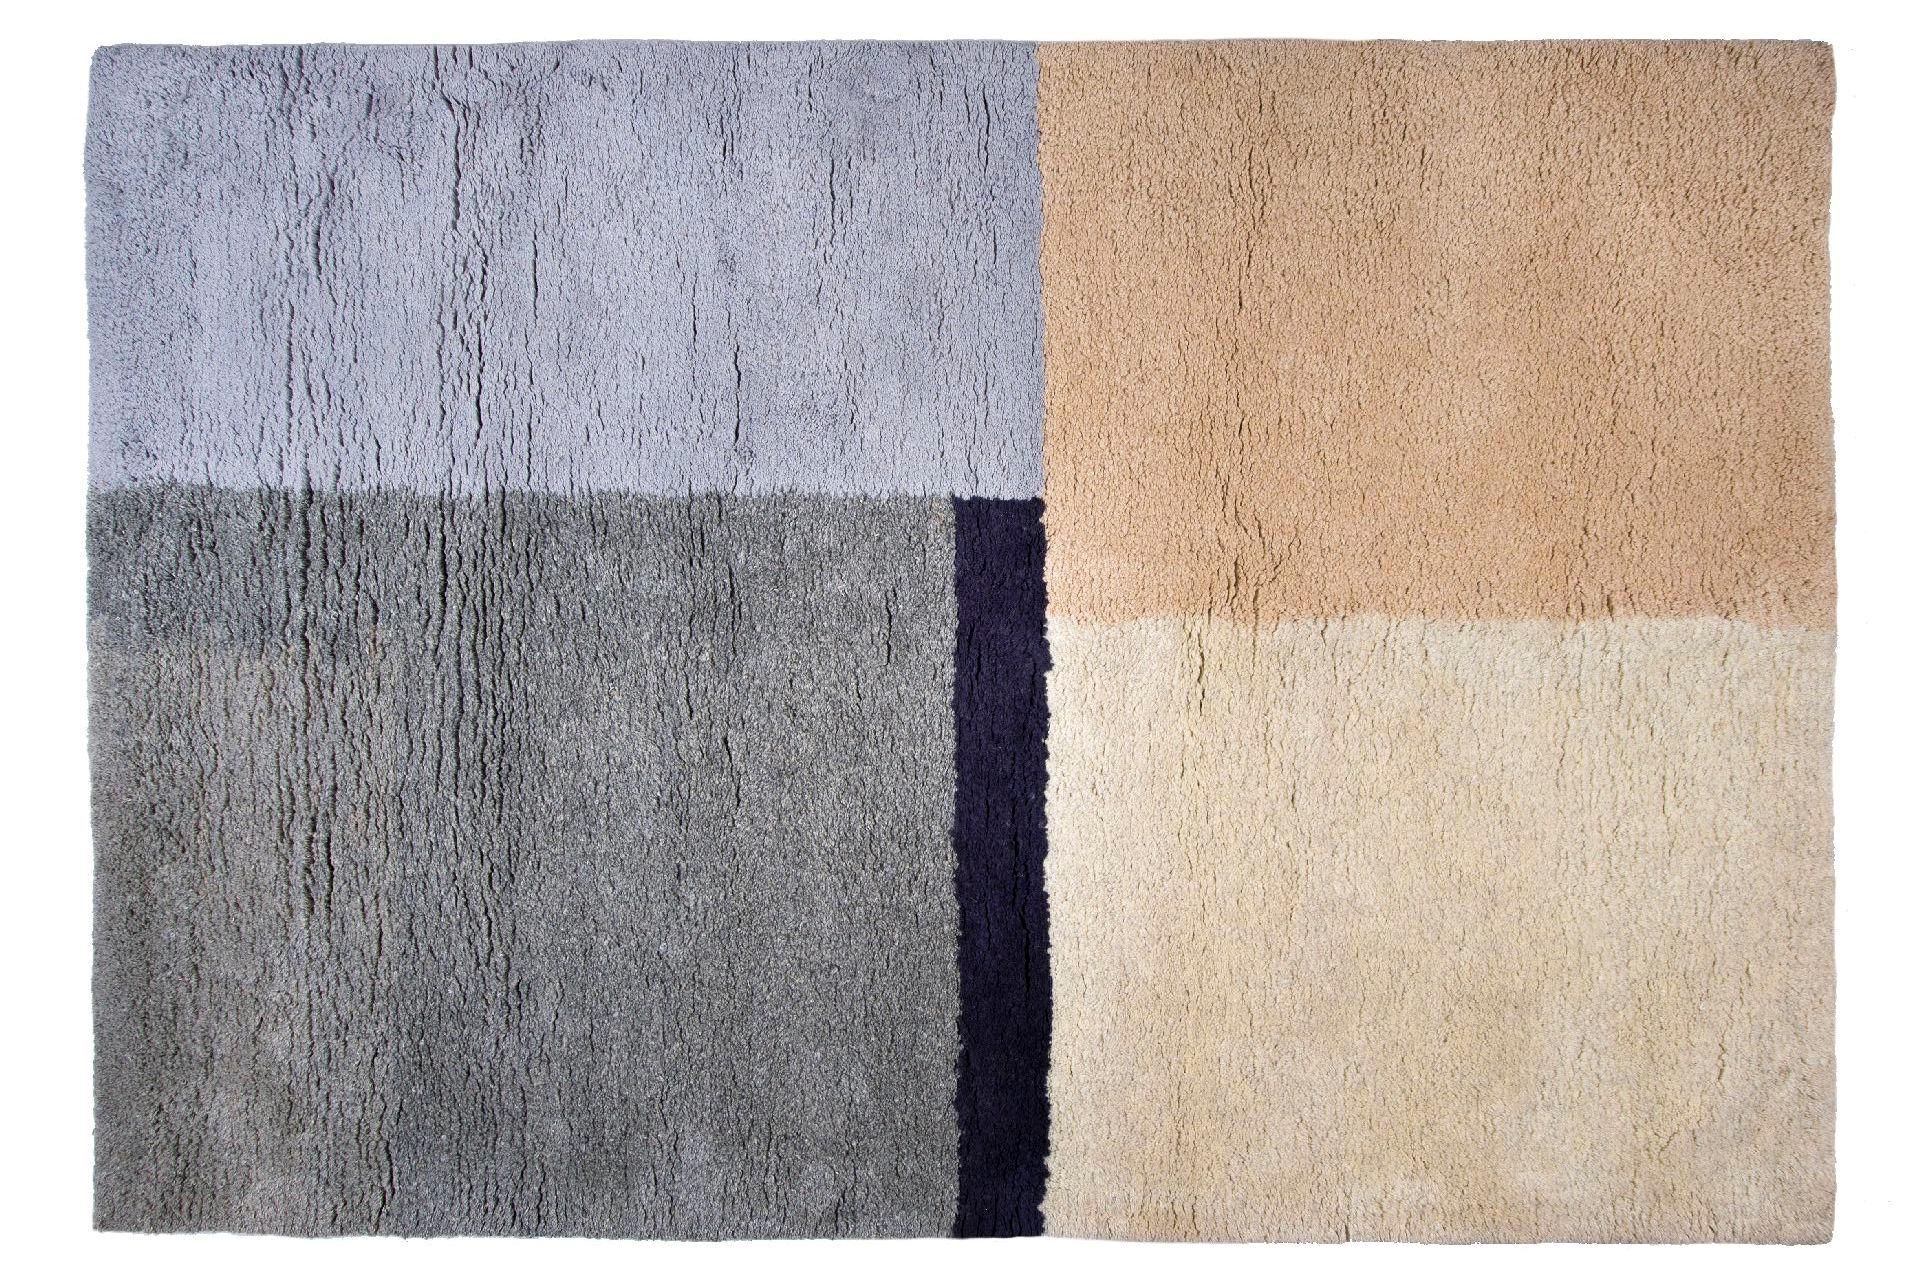 Tappeto artigianale da salotto e ufficio modello mondrian 170x240cm in 100 lana merinos - Tappeti in lana moderni ...